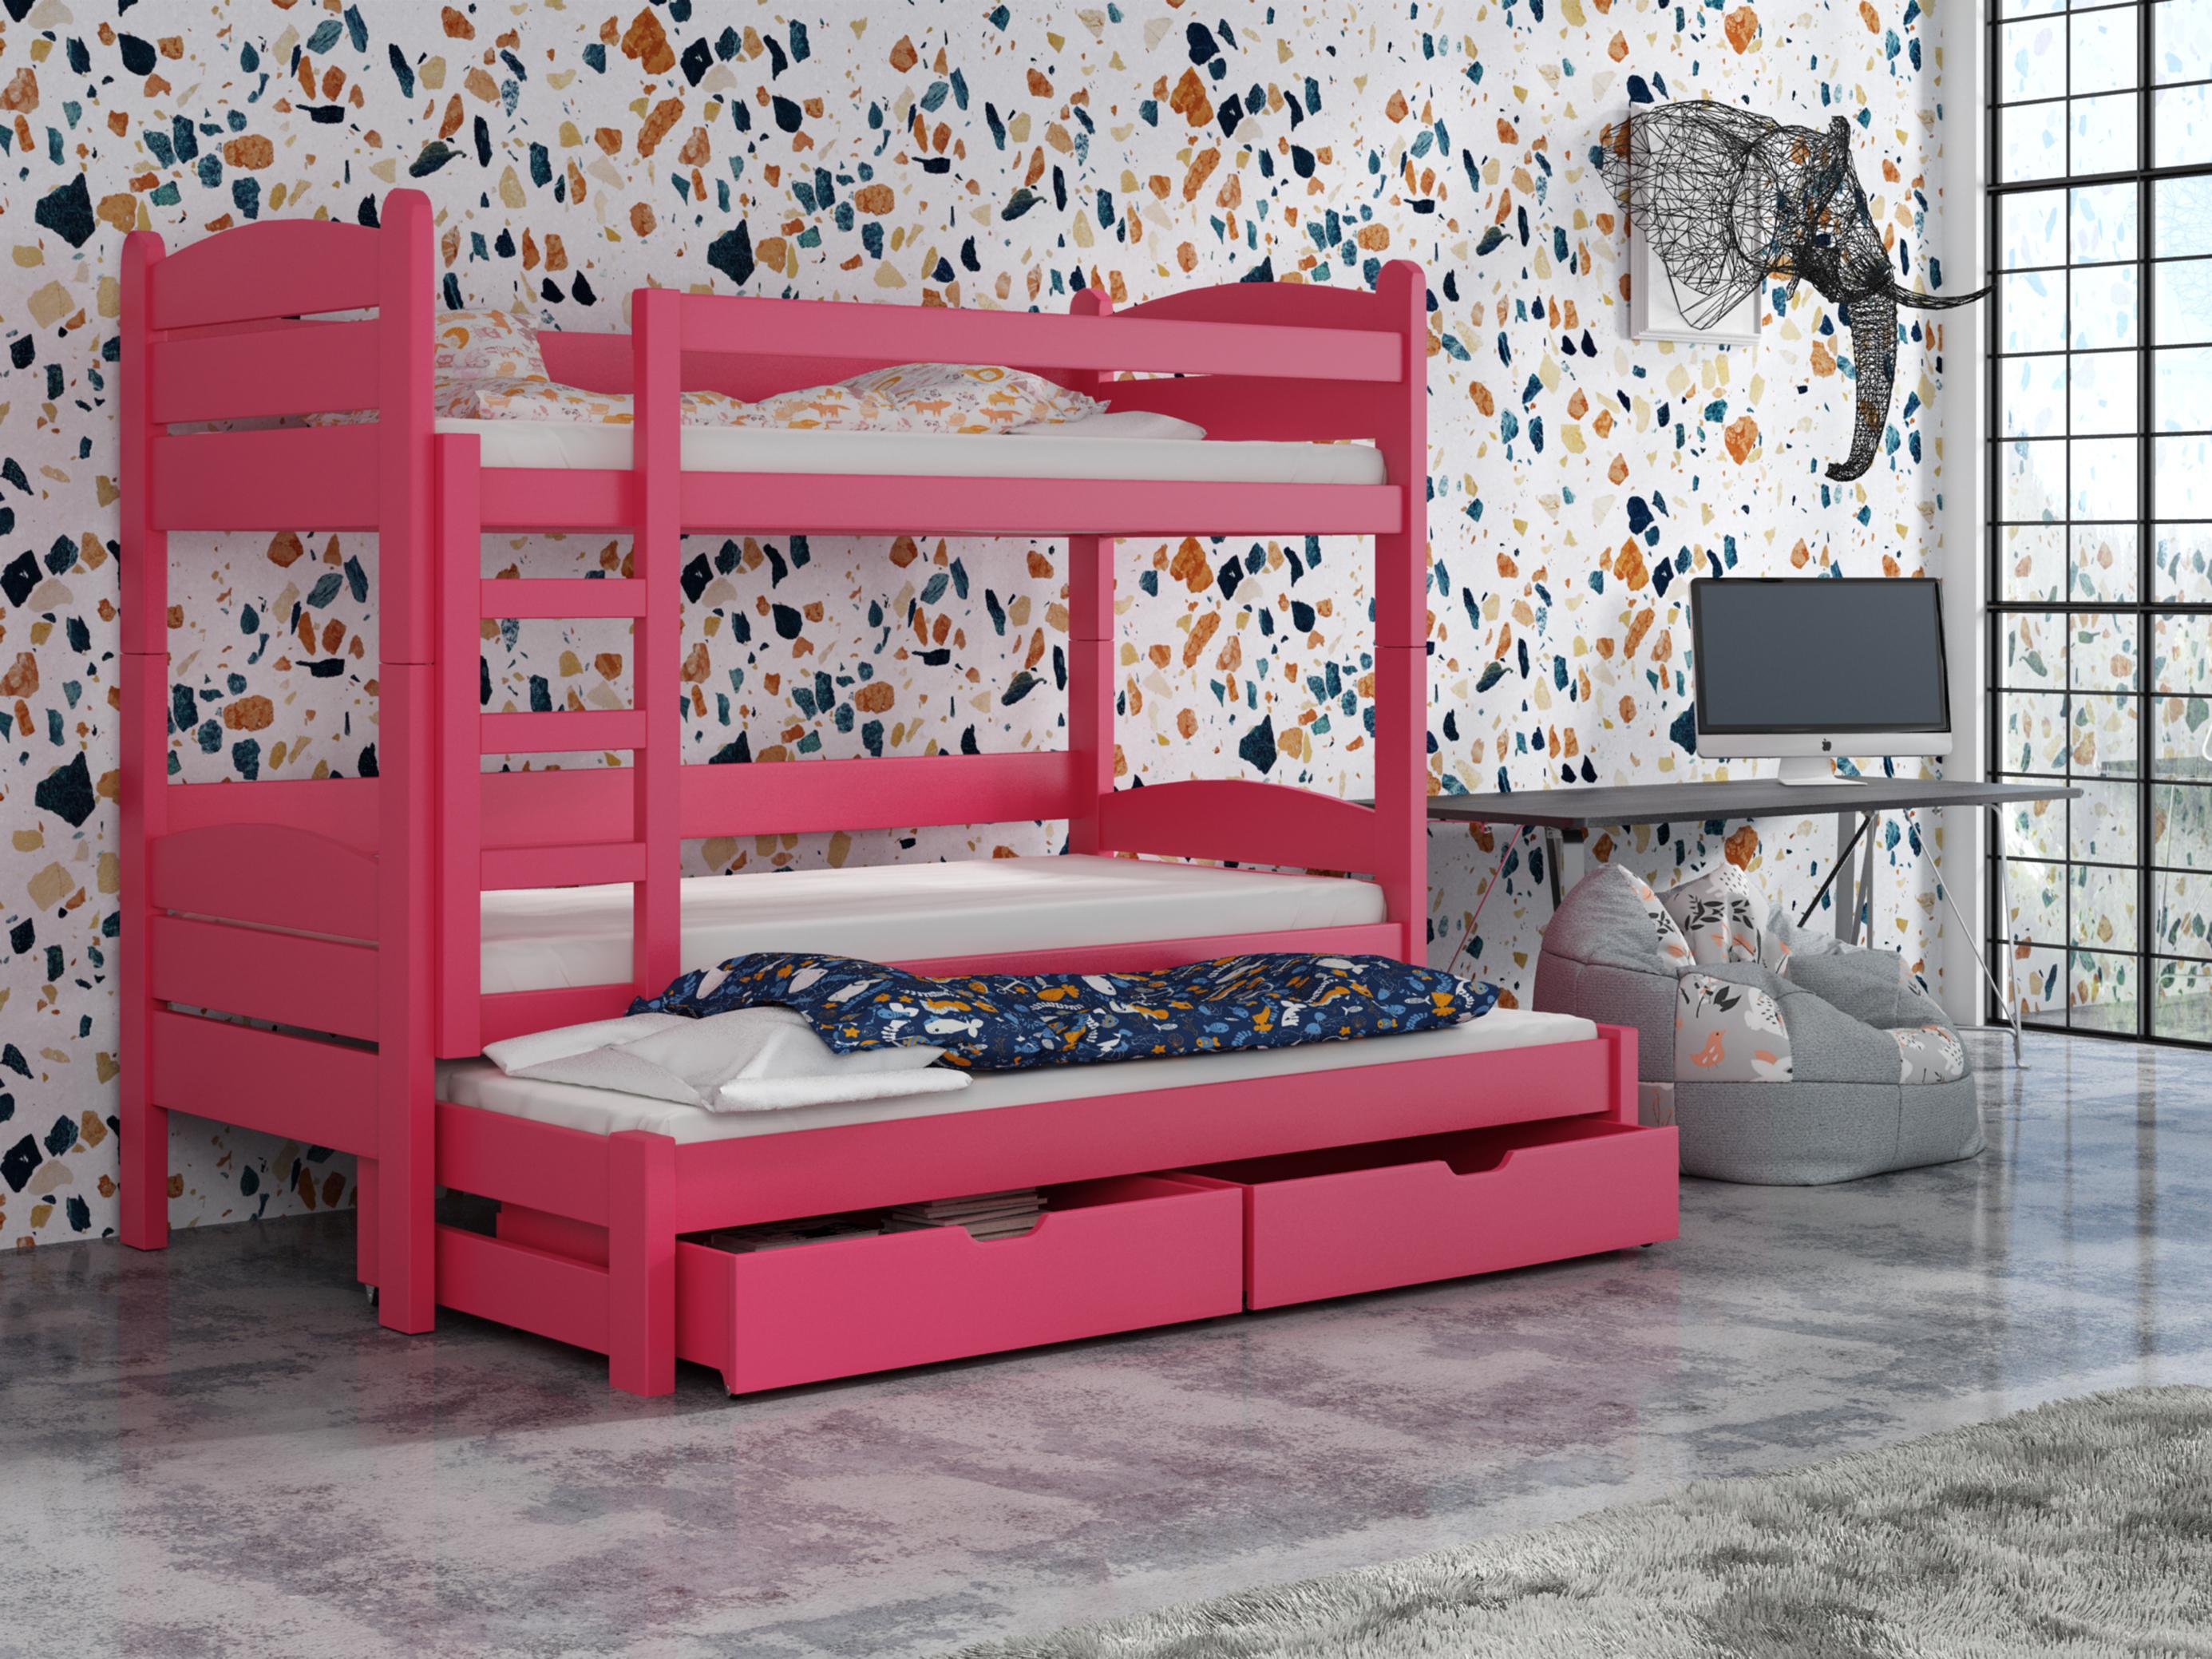 Detská poschodová posteľ 90 cm - Celsa (ružová). Akcia -33%. Vlastná spoľahlivá doprava až k Vám domov.